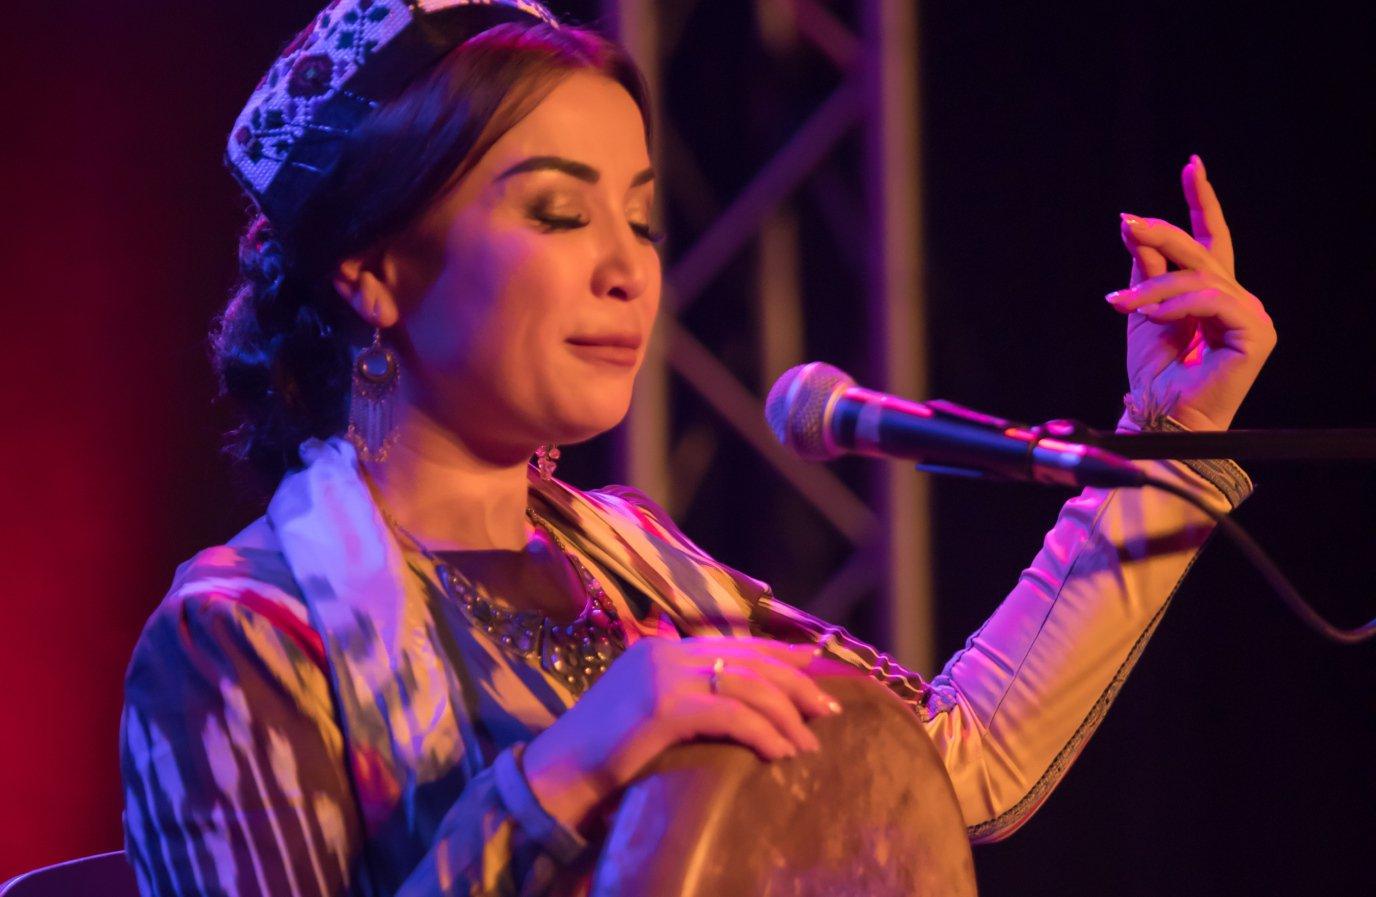 Gulzoda Khudoynazarova